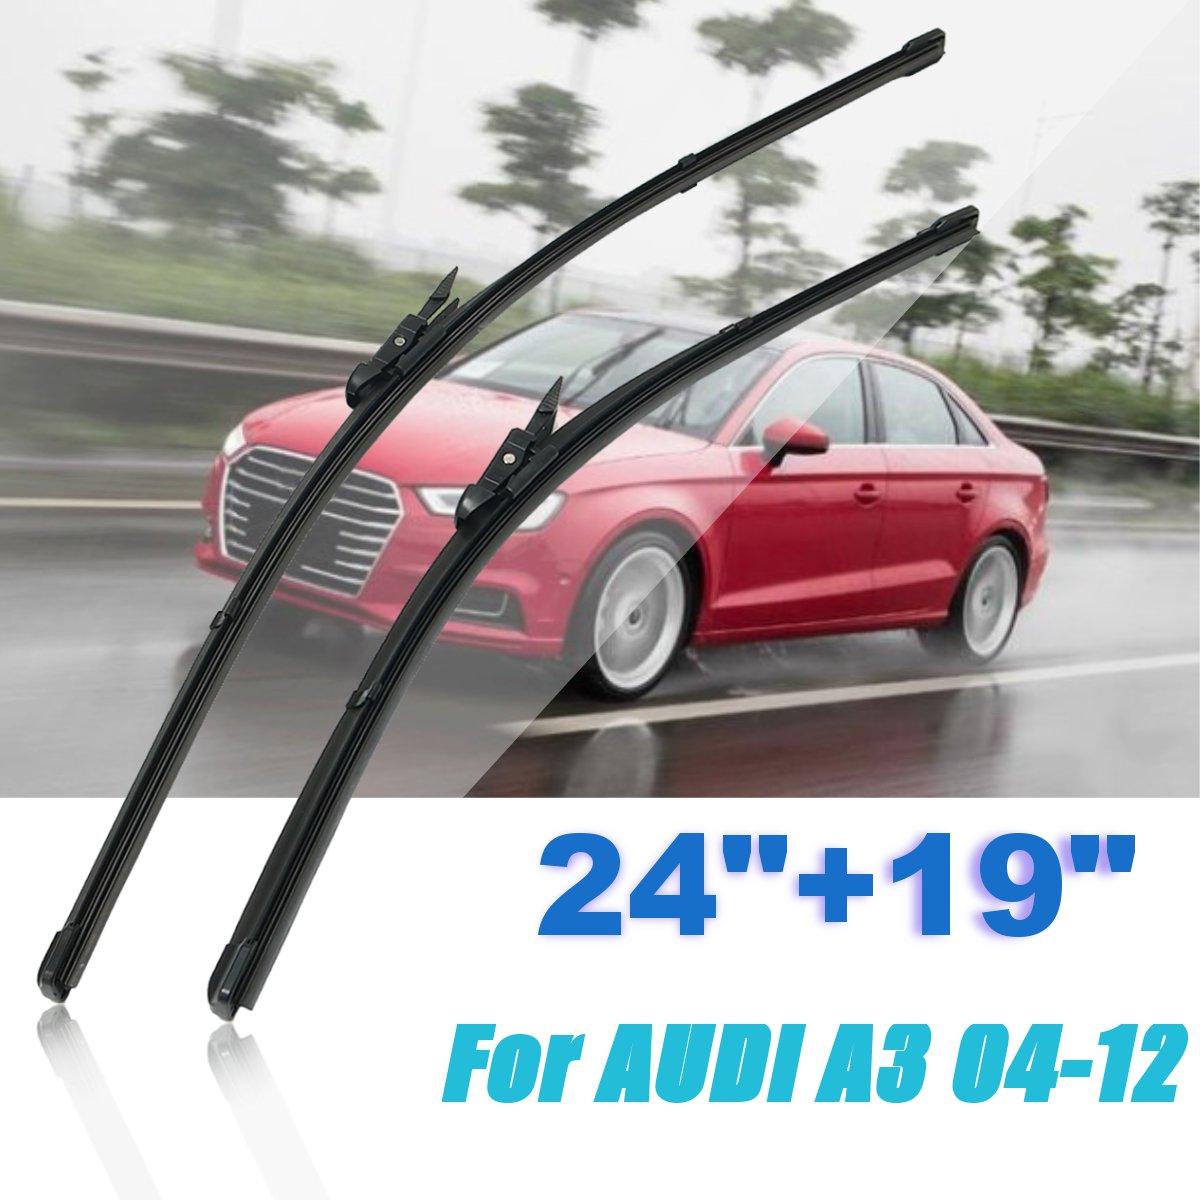 Pasuje do Audi A3 2004-2012 RHD pojazd 1 para samochodów przednia prawa pióra wycieraczek do przedniej szyby 24 cale + 19 cali